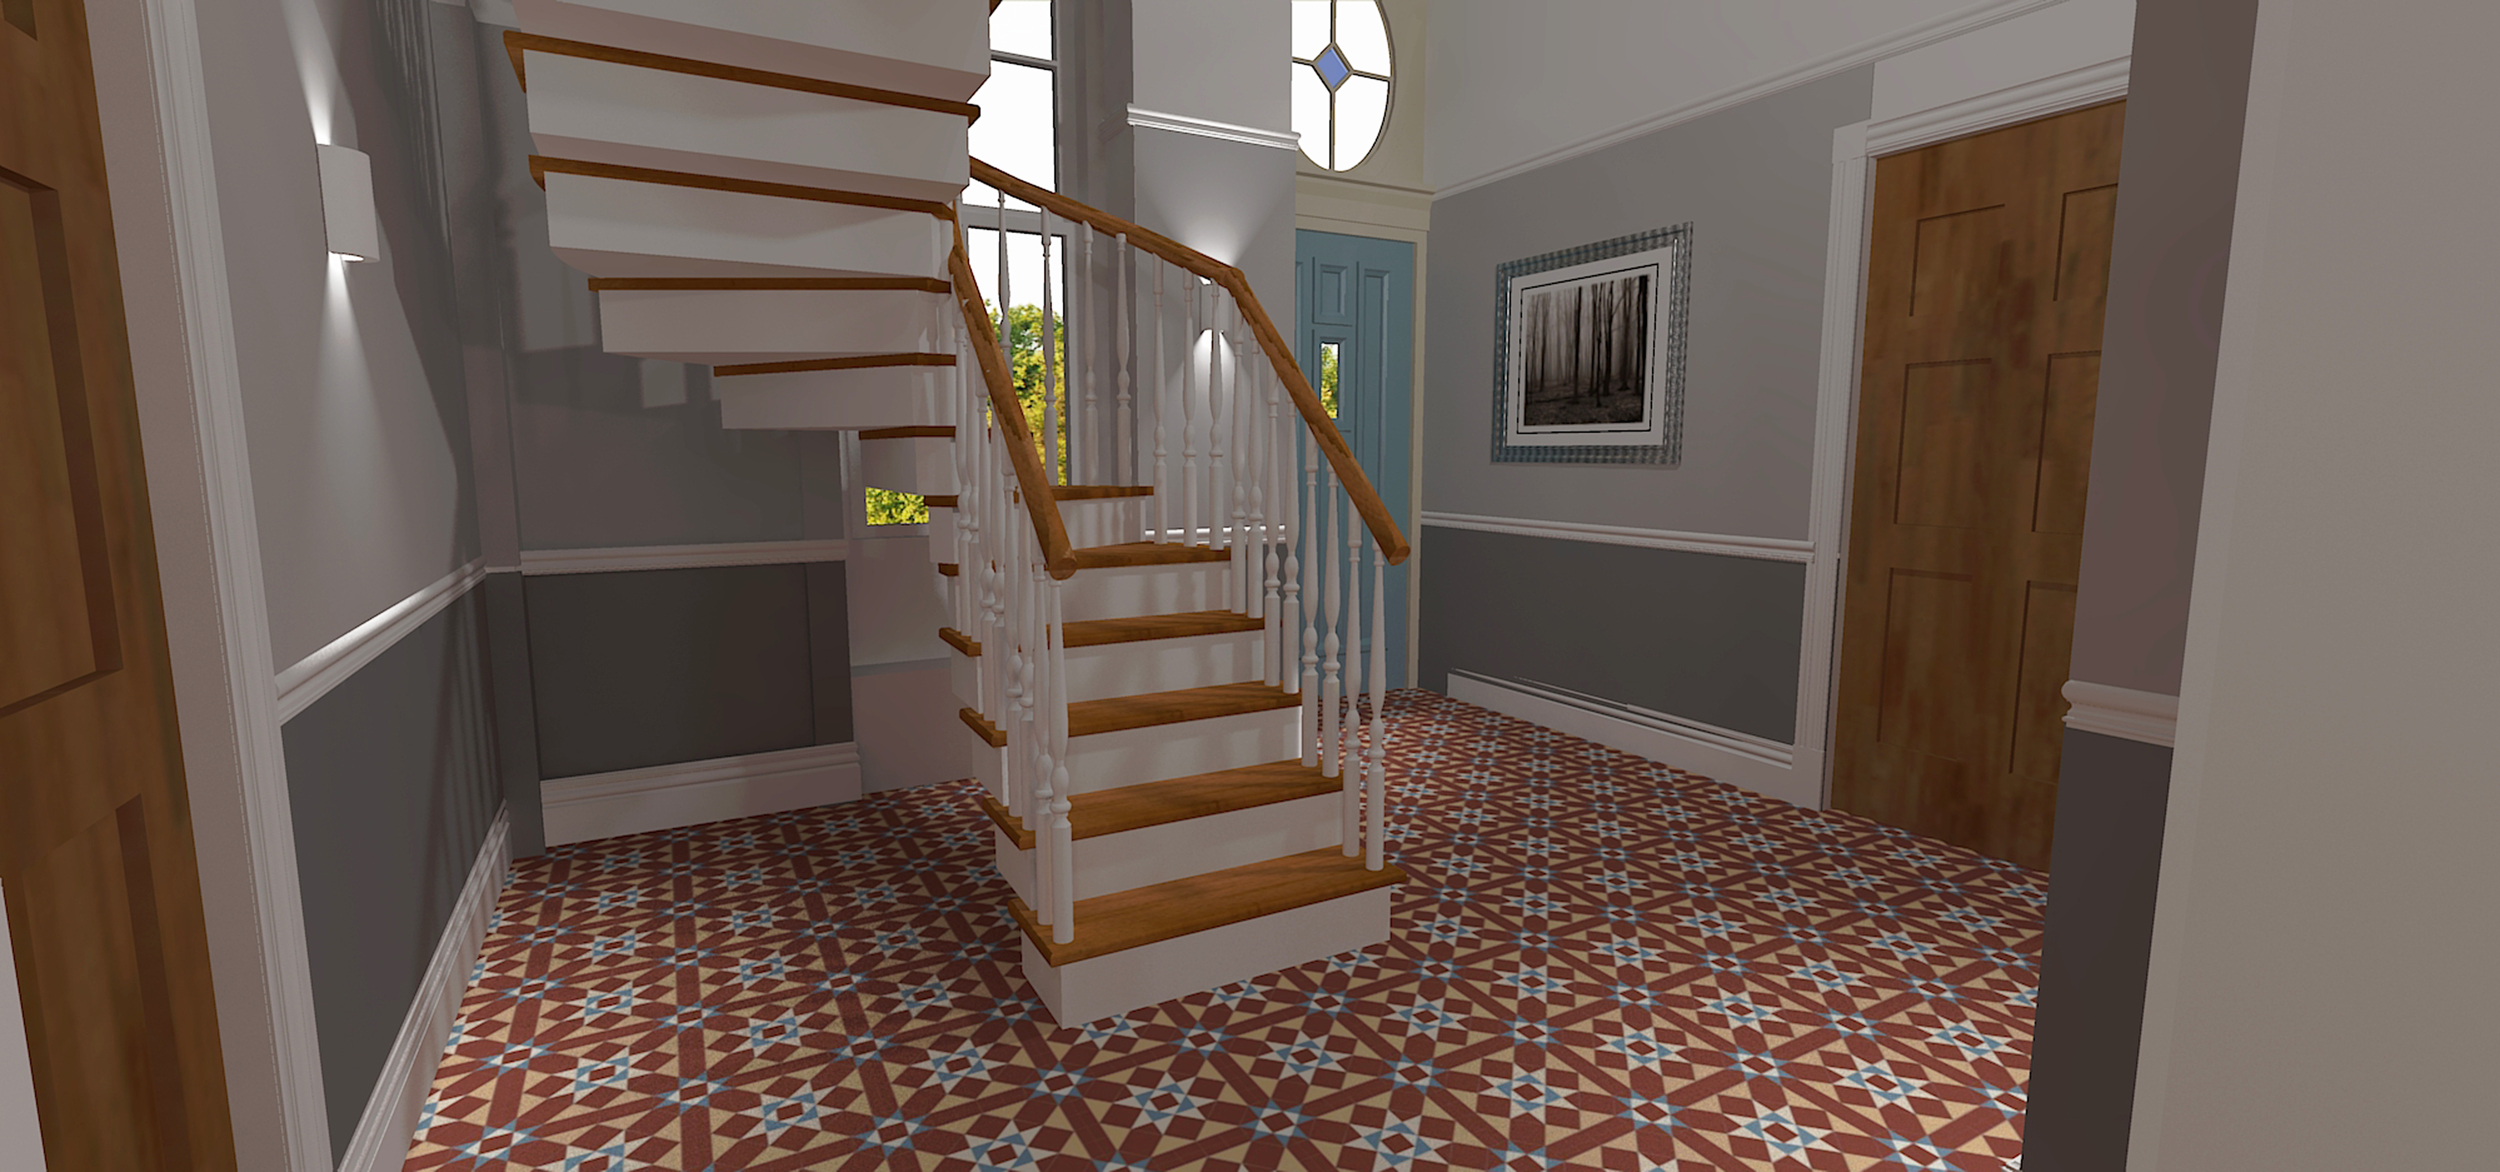 plot 5 living room_Scene 6.jpg